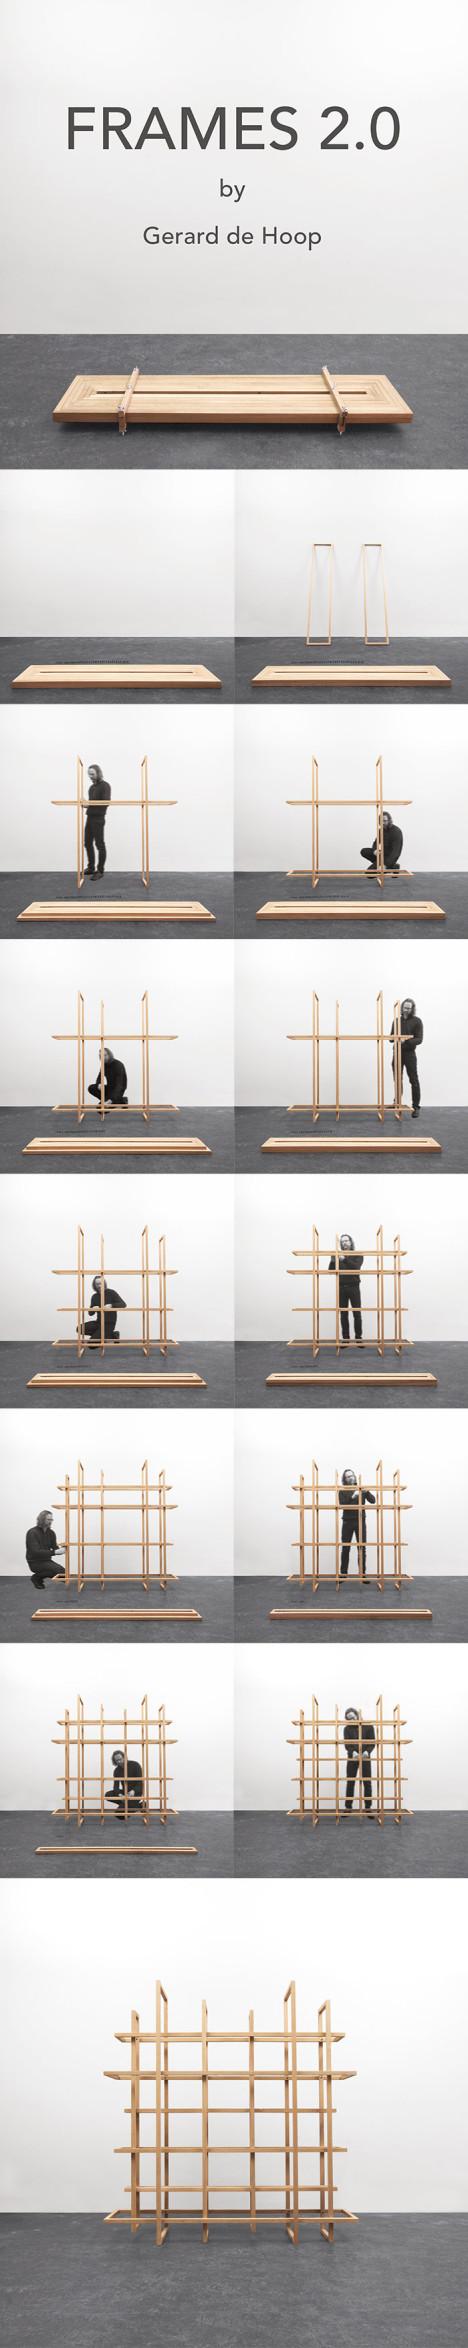 Frames-2.0-montage-schema